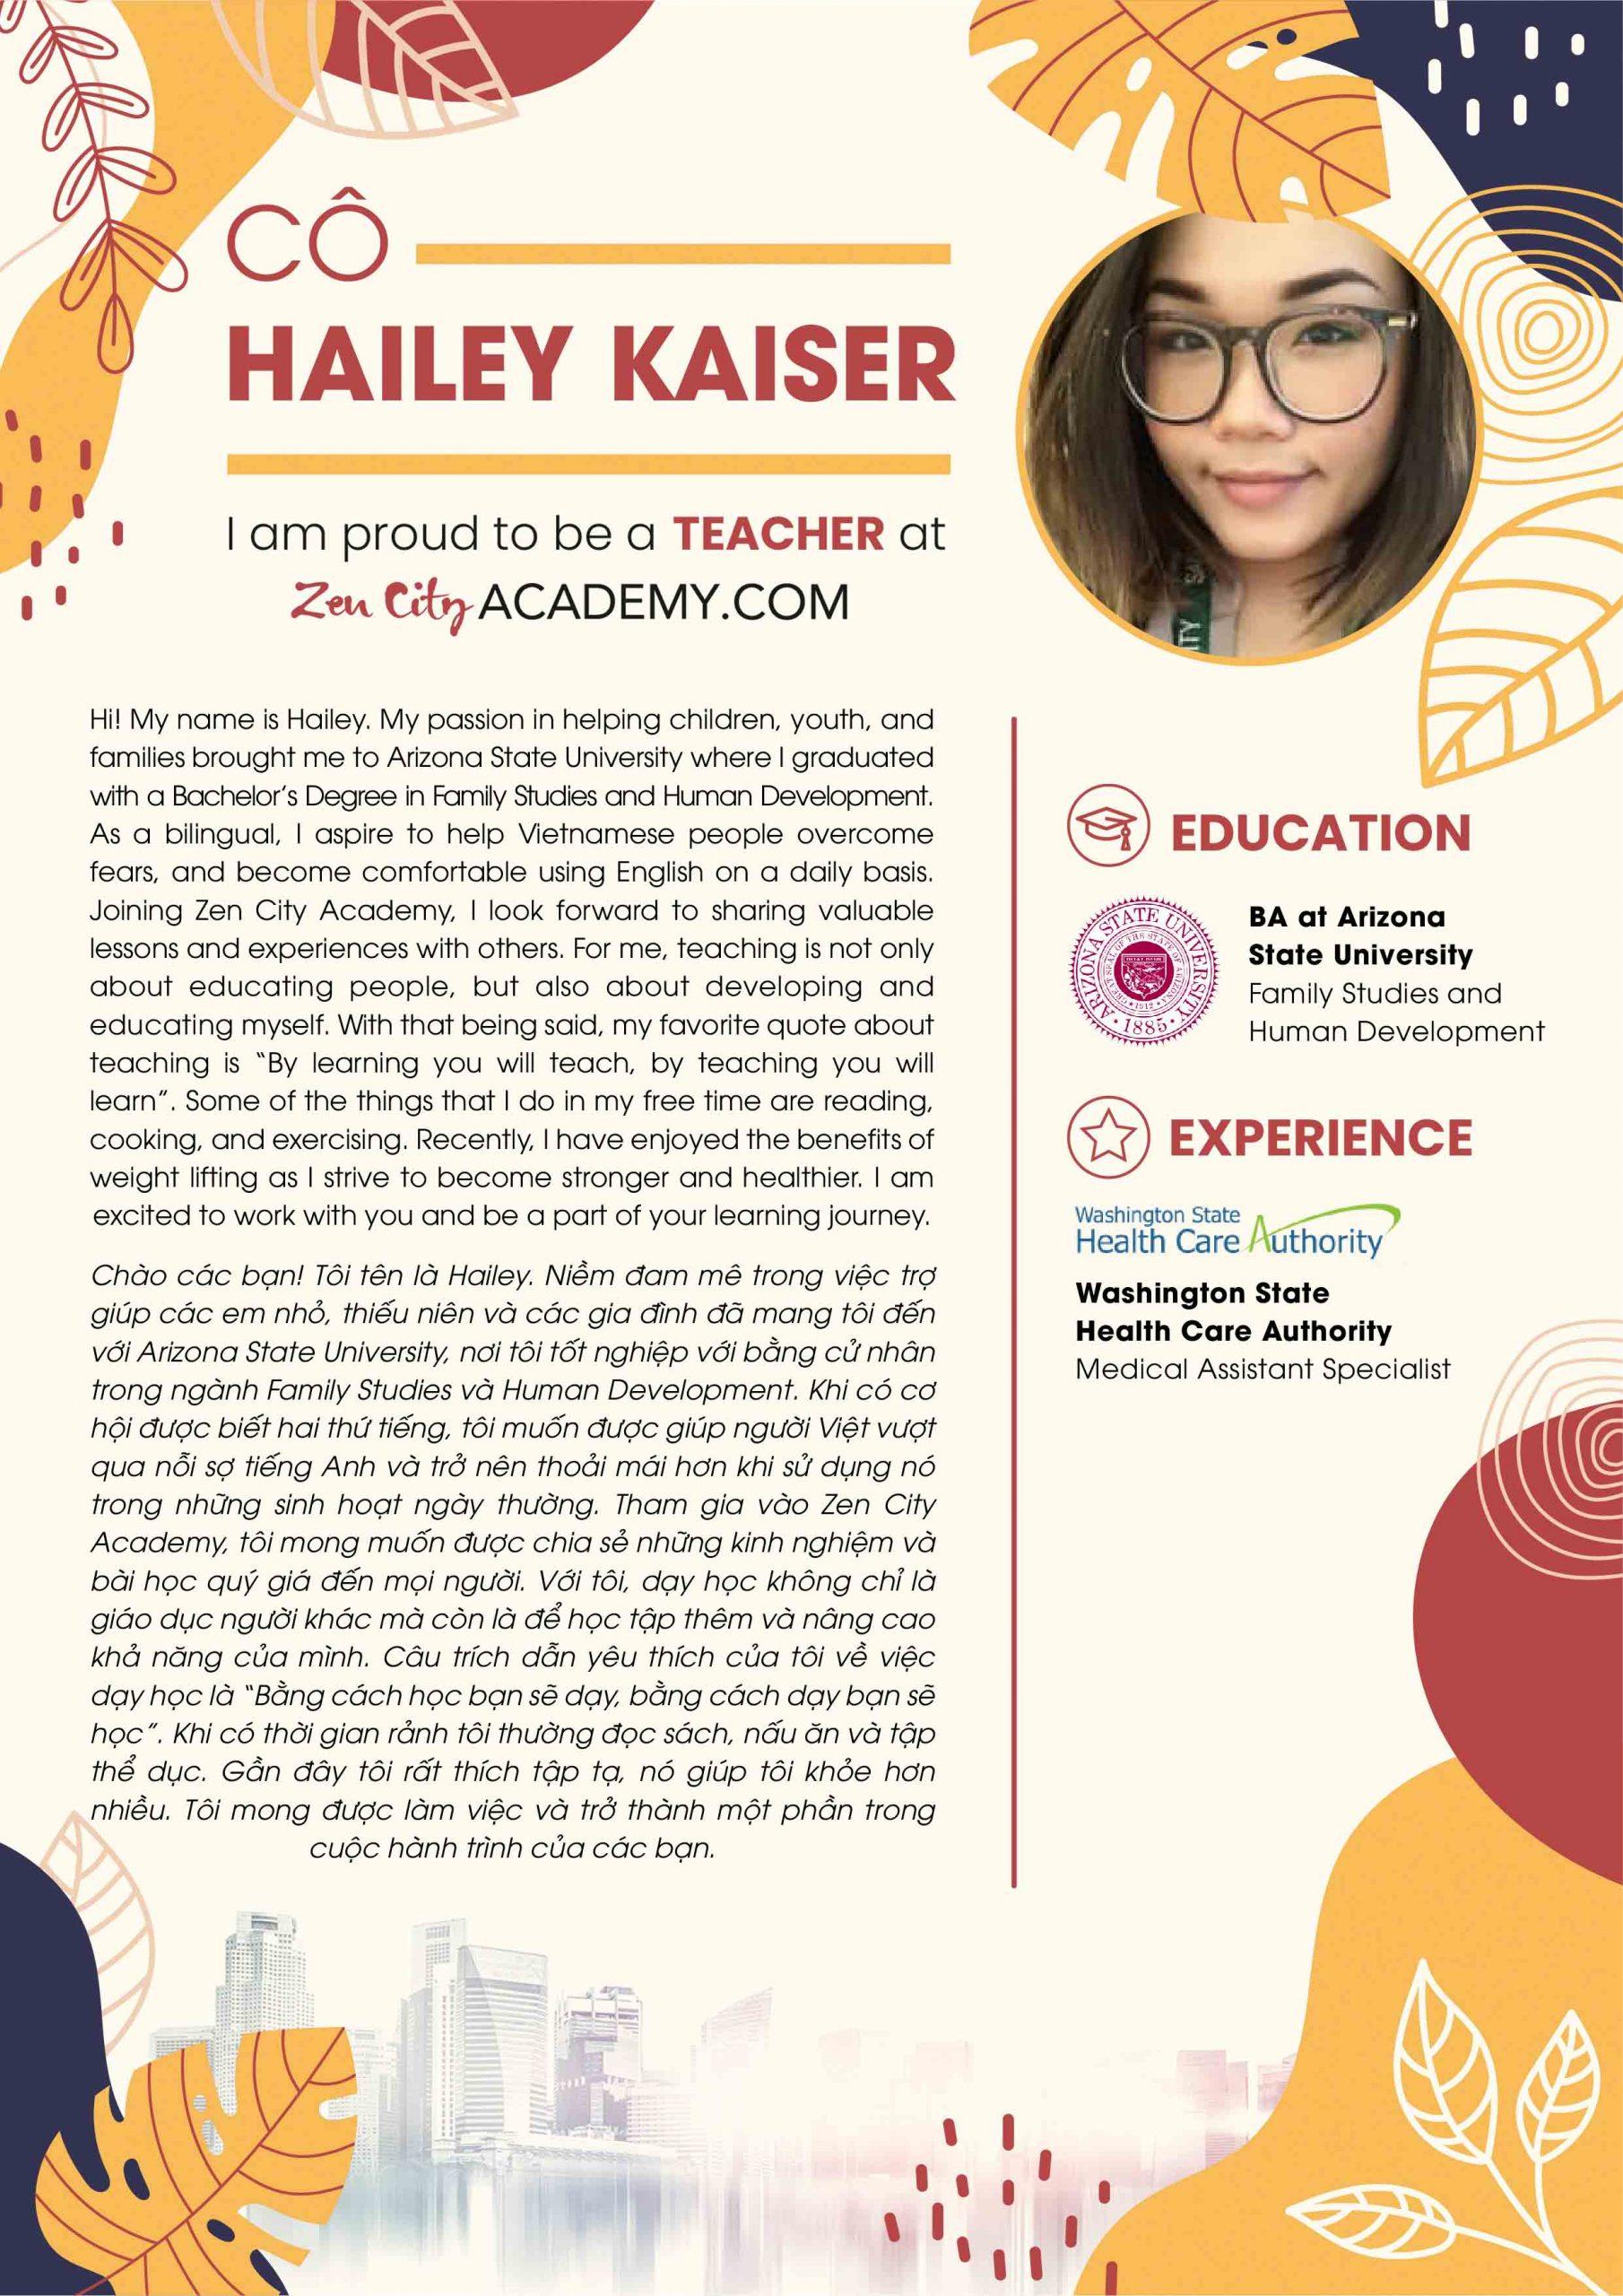 profile_co Hailey